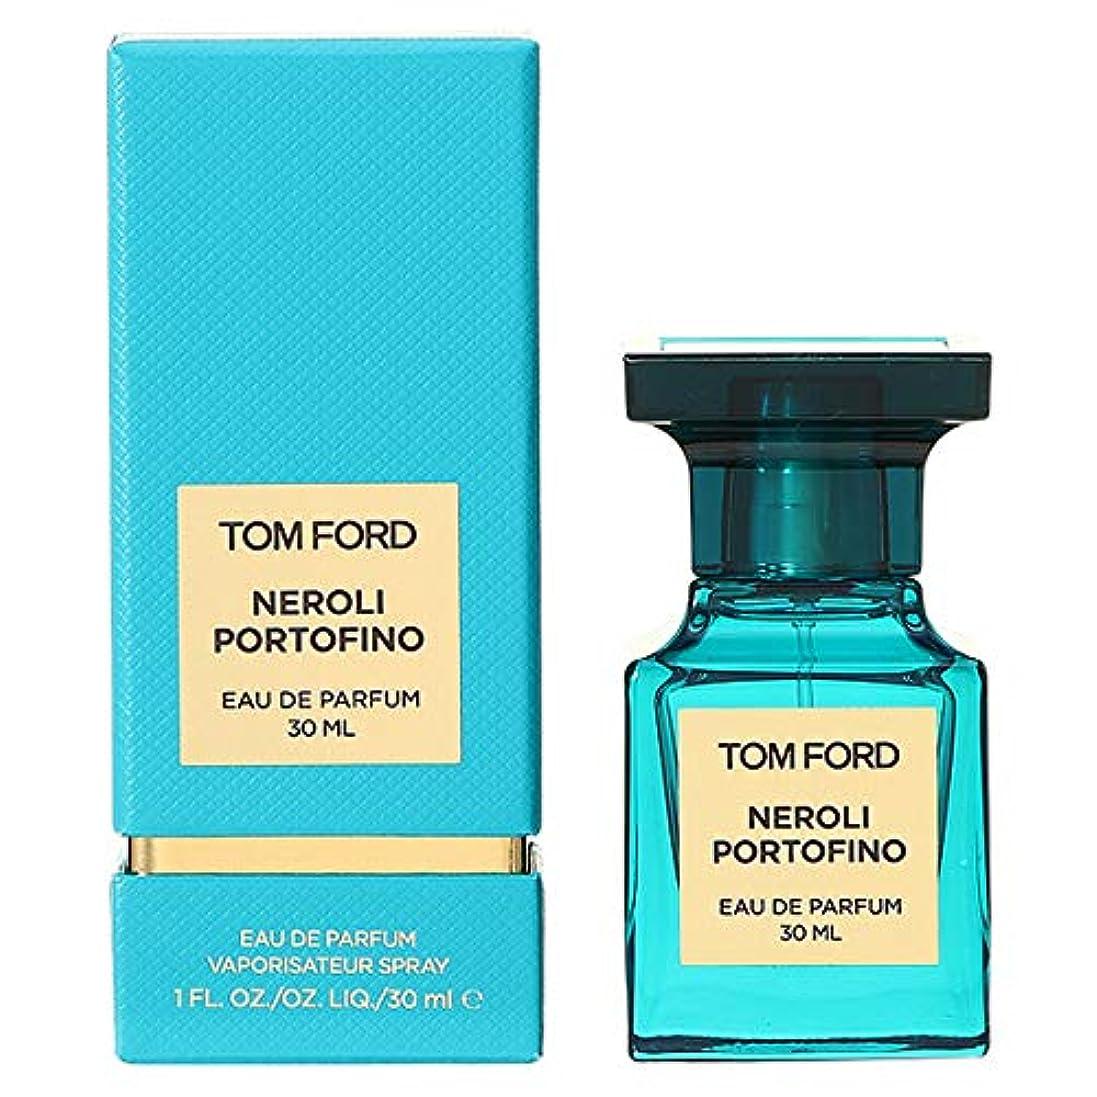 曲がった限りぞっとするようなトムフォード TOM FORD ネロリ ポルトフィーノ 30ml EDP SP fs 【並行輸入品】